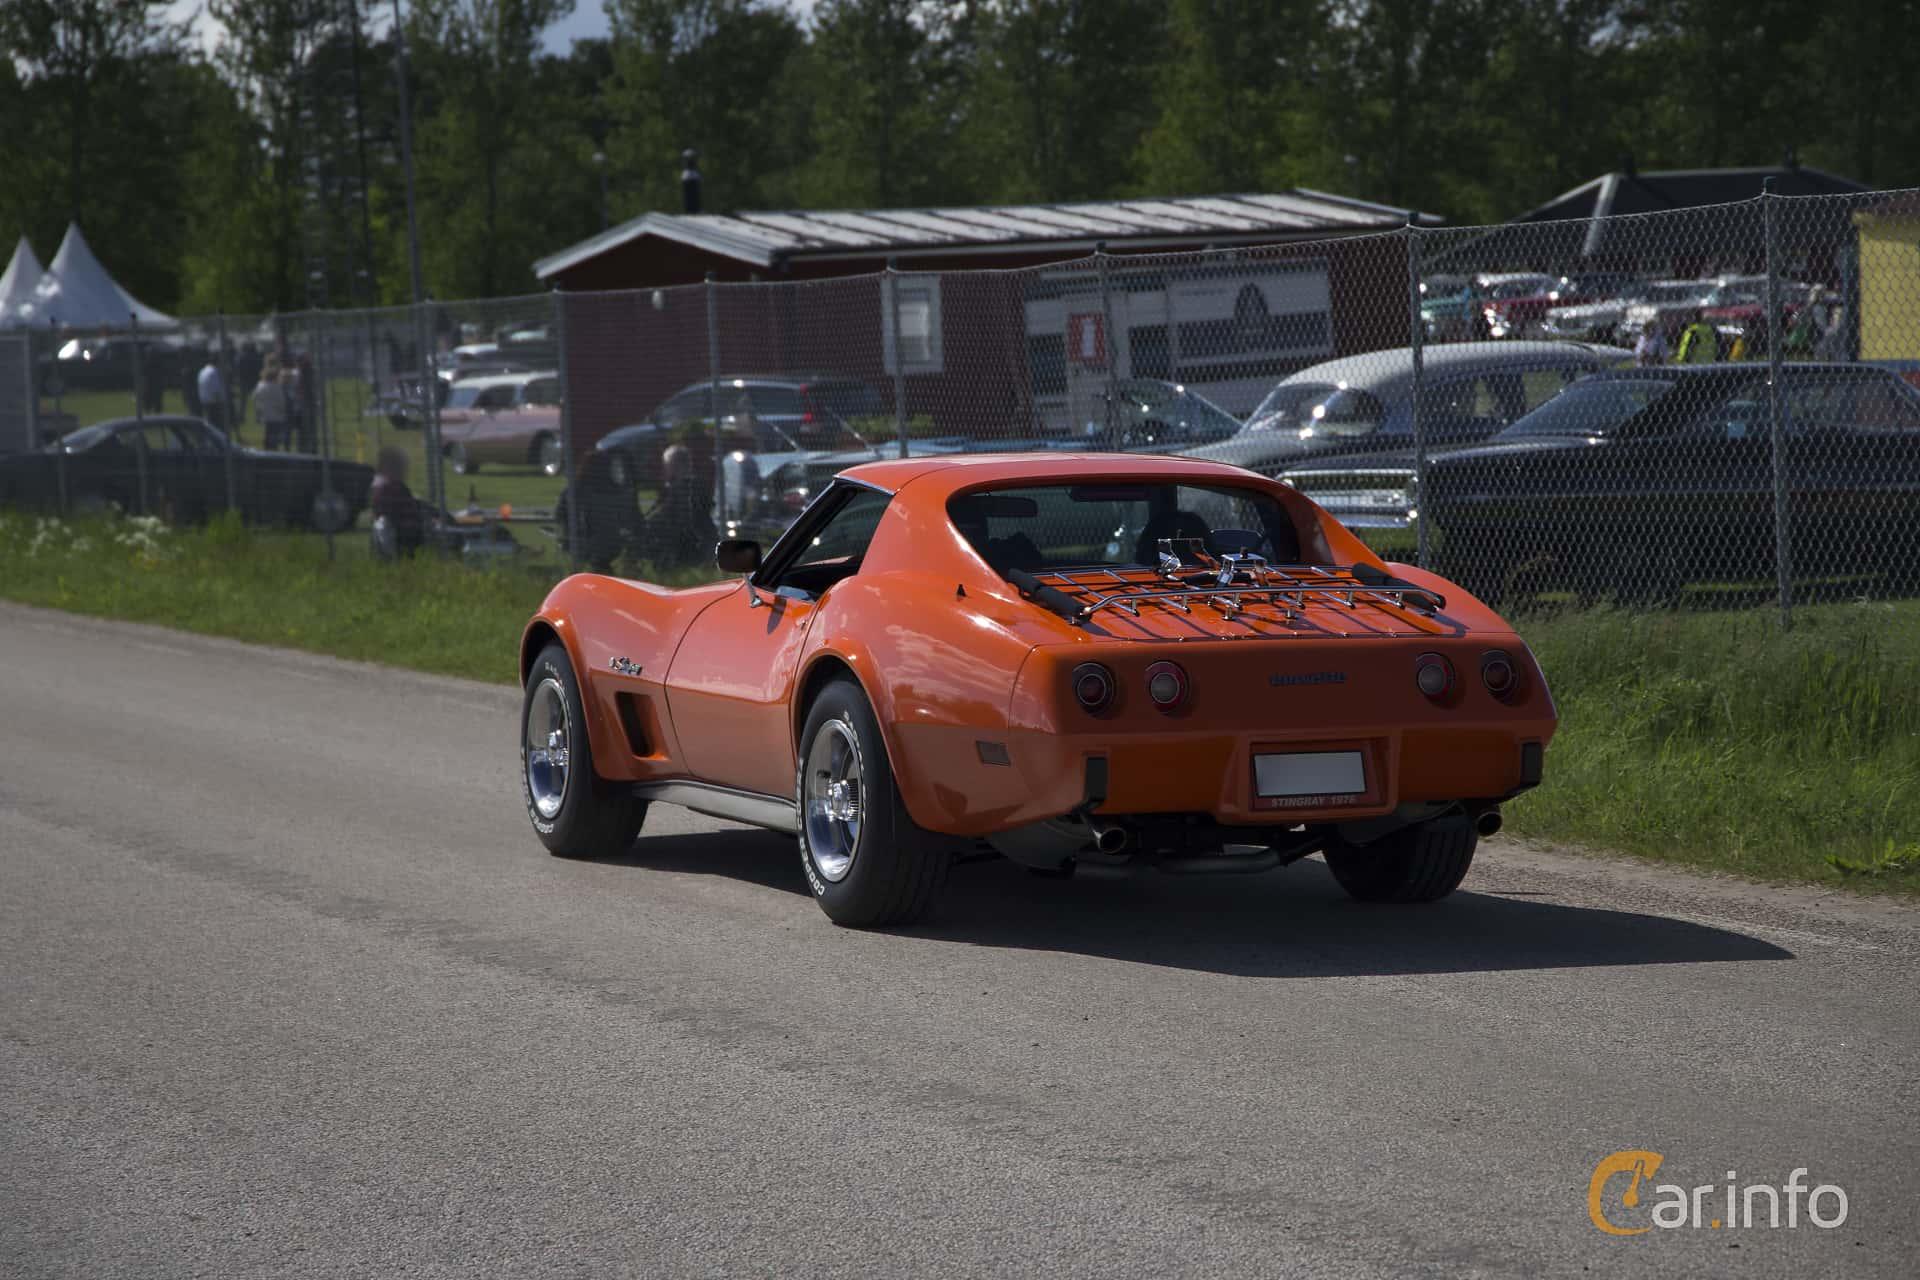 Chevrolet Corvette Stingray 5.7 V8 Automatic, 213hp, 1976 at Nostalgifestivalen i Vårgårda 2017